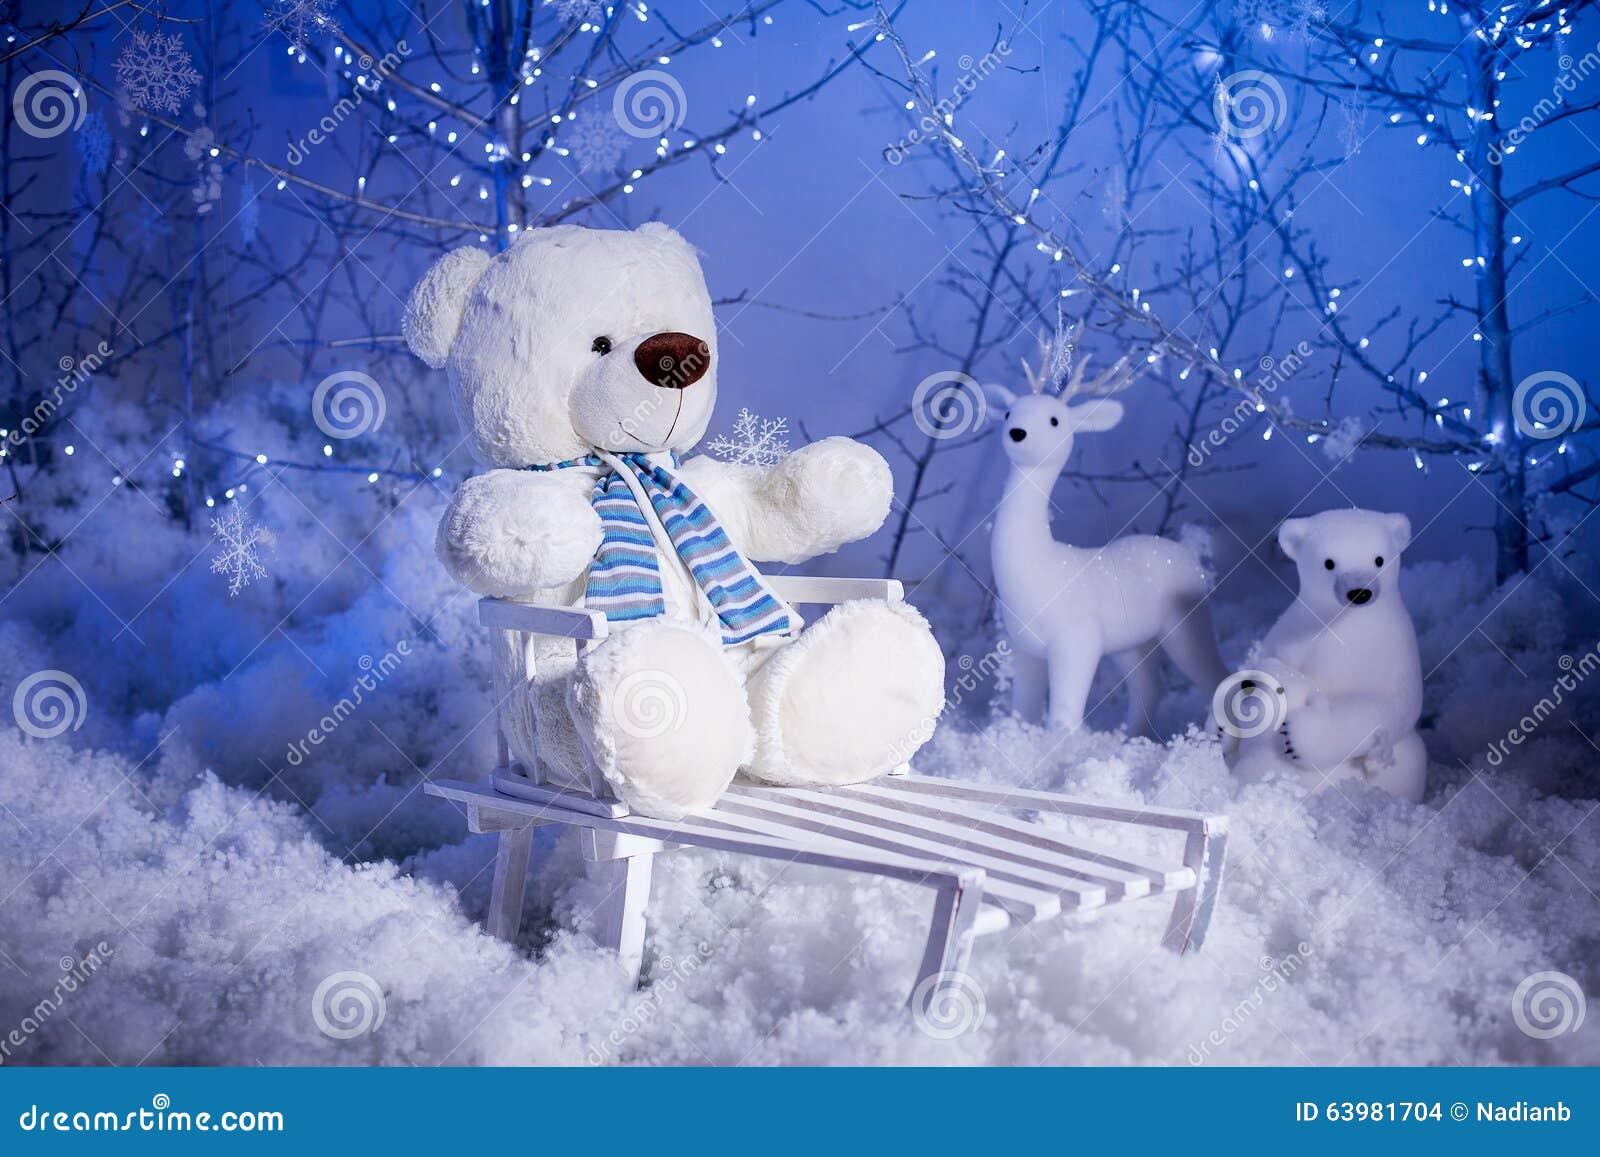 Teddy Weihnachten.Weihnachten Teddy Bear Stockfoto Bild Von Kindheit Magie 63981704